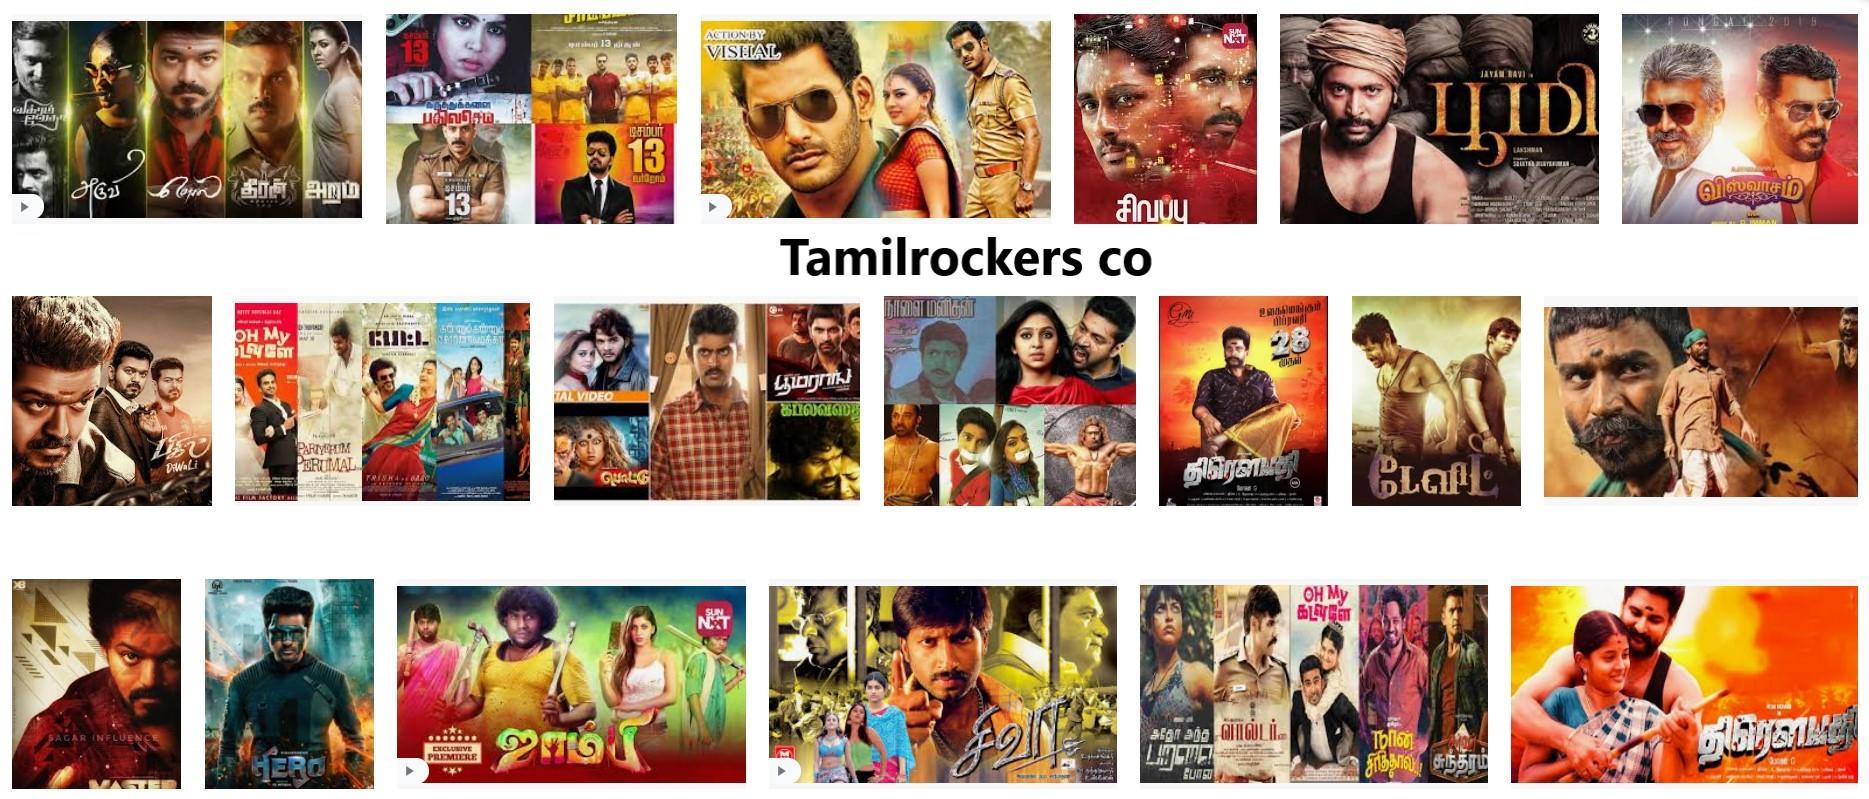 Tamilrockers co Tamil Movie